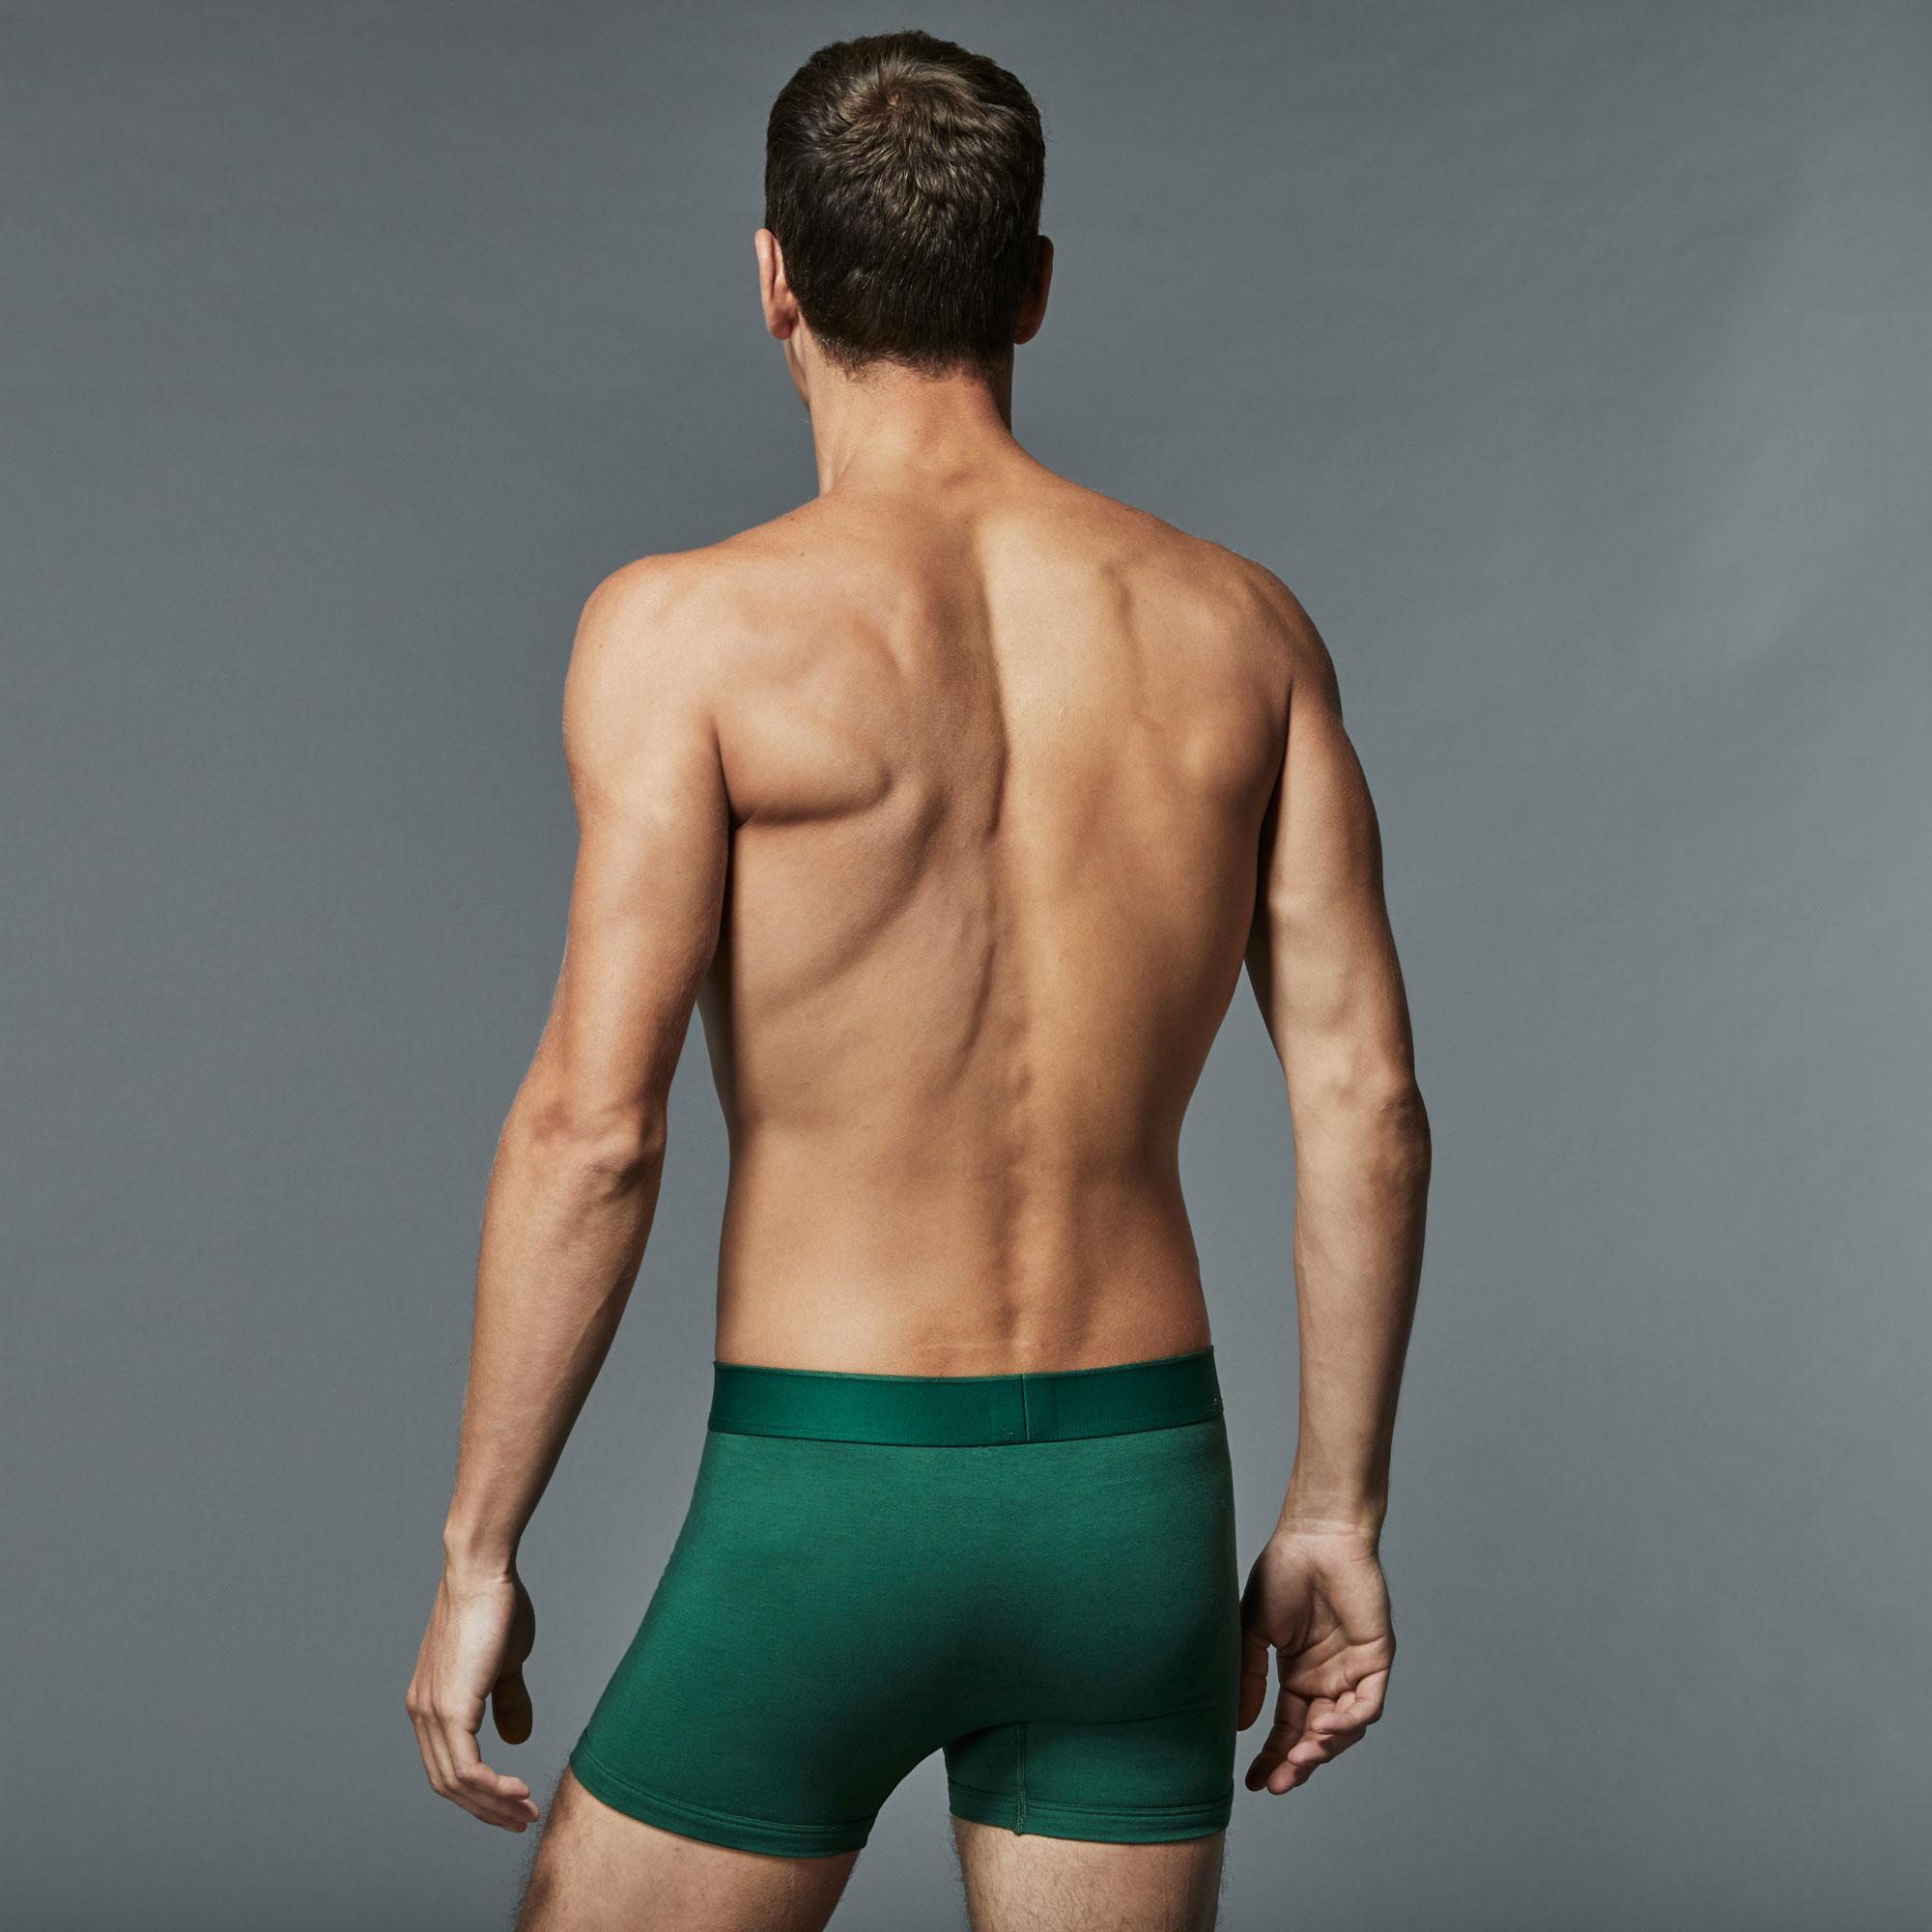 Lacoste Erkek 2'li Paket Beyaz - Yeşil Boxer